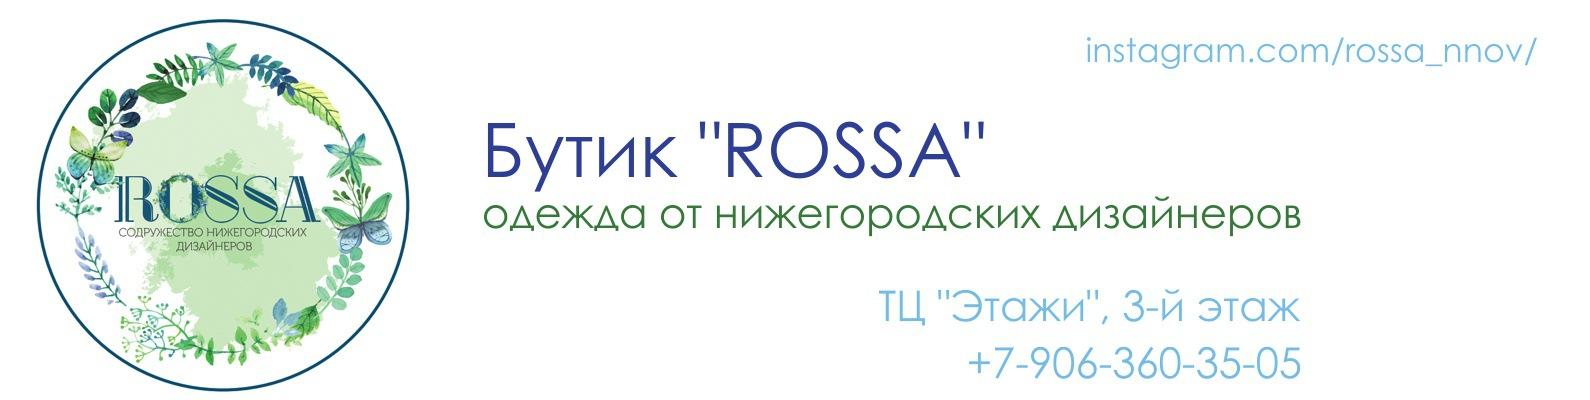 d54a808ff46 Бутик ROSSA - одежда от Нижегородских дизайнеров